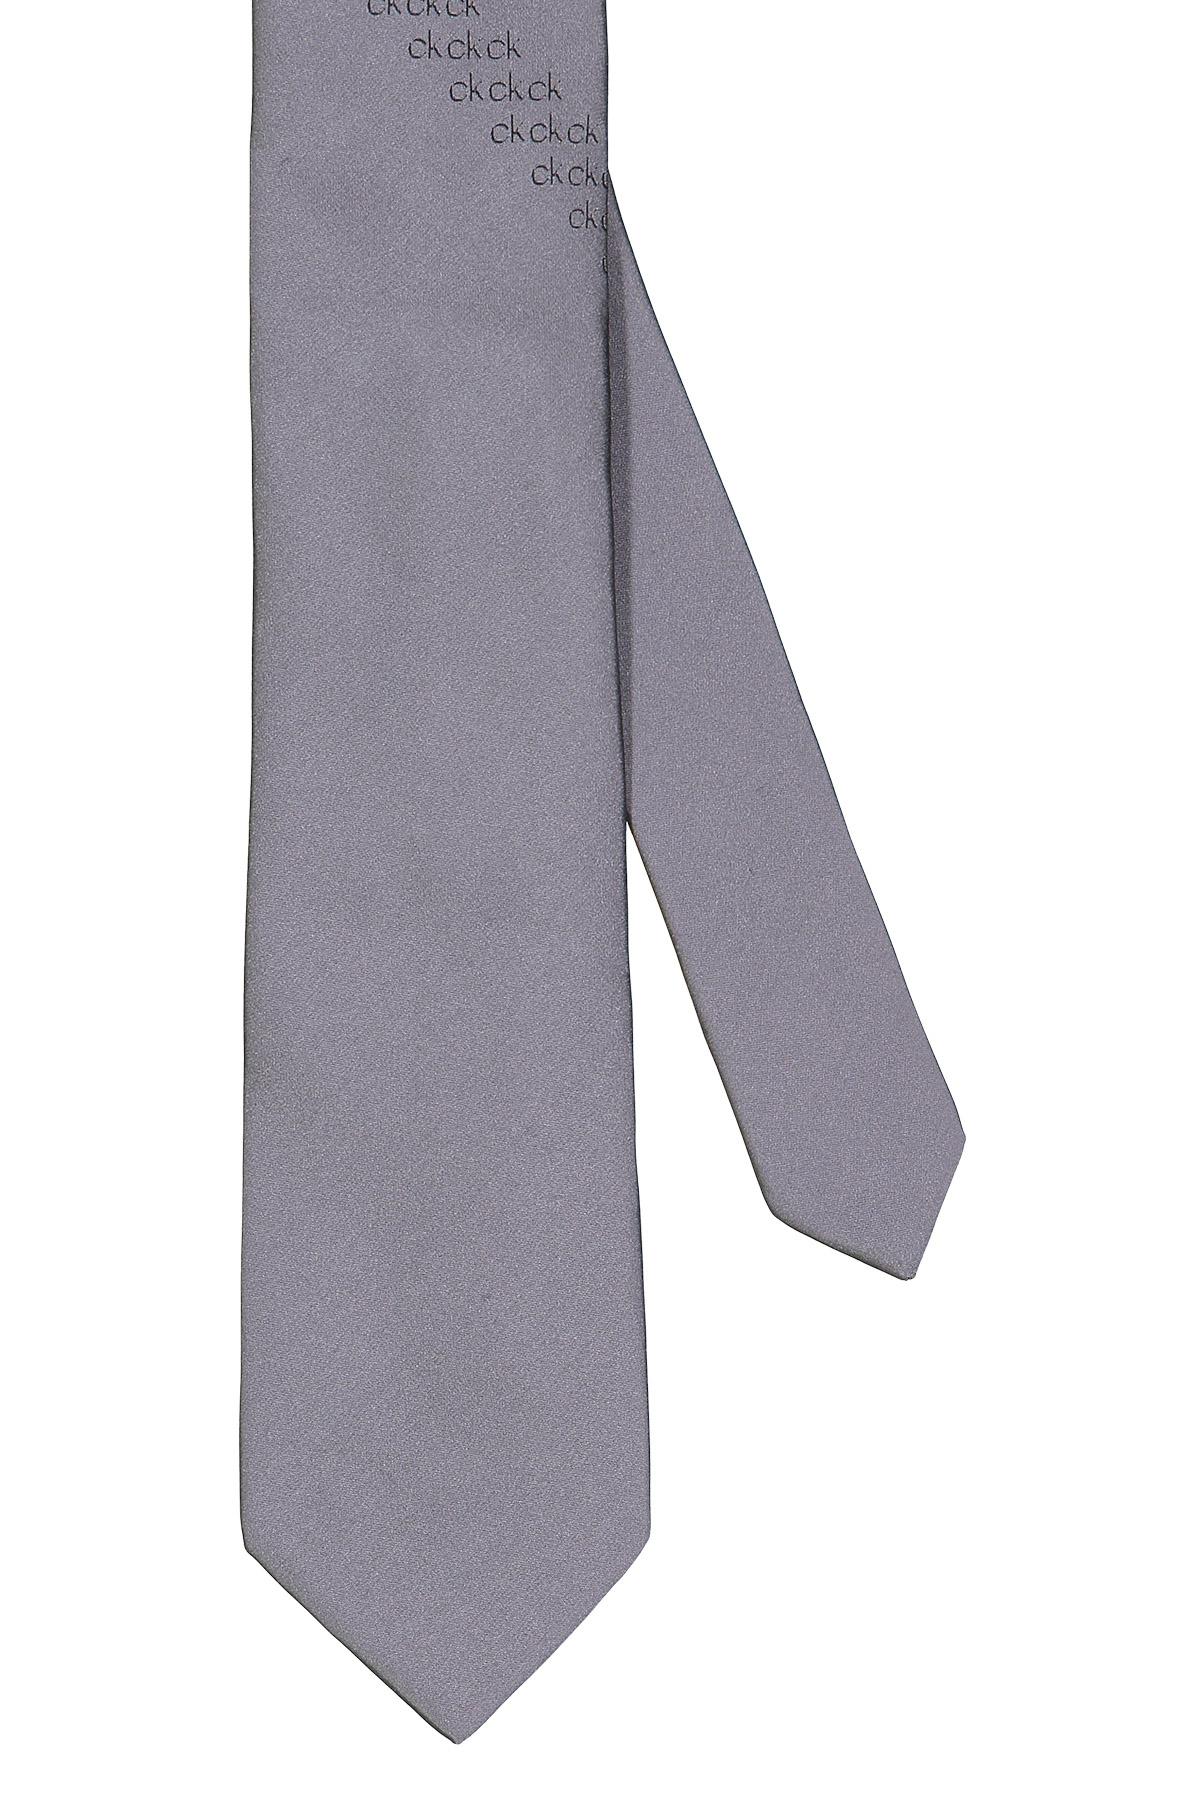 Corbata Calvin Klein, 100% seda, lisa gris con bordado en centro.